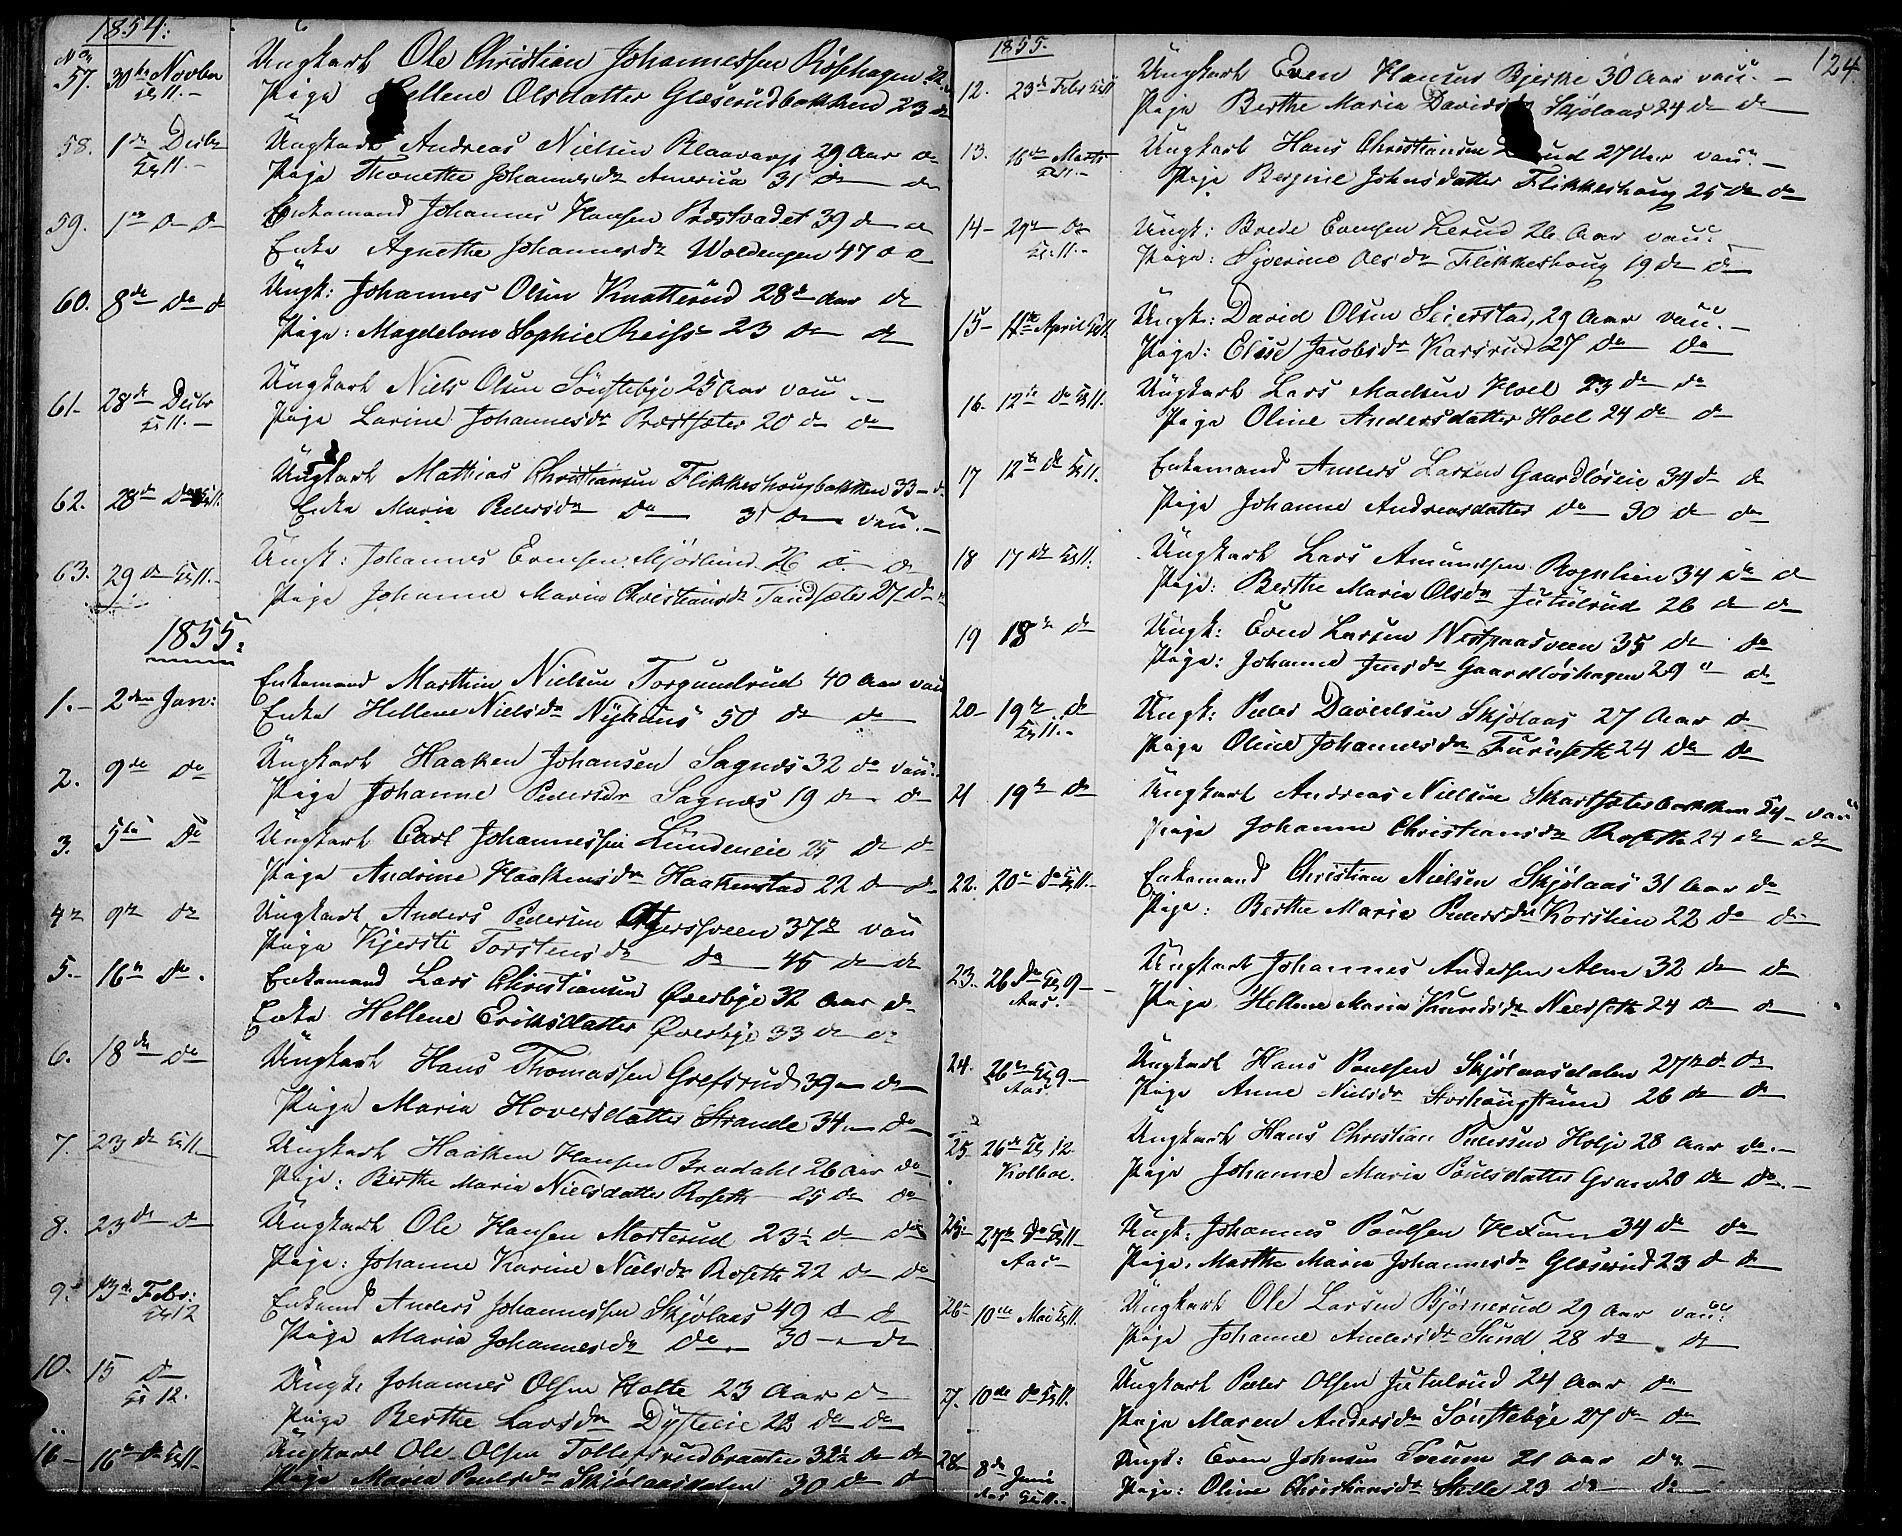 SAH, Vestre Toten prestekontor, Klokkerbok nr. 5, 1854-1870, s. 124